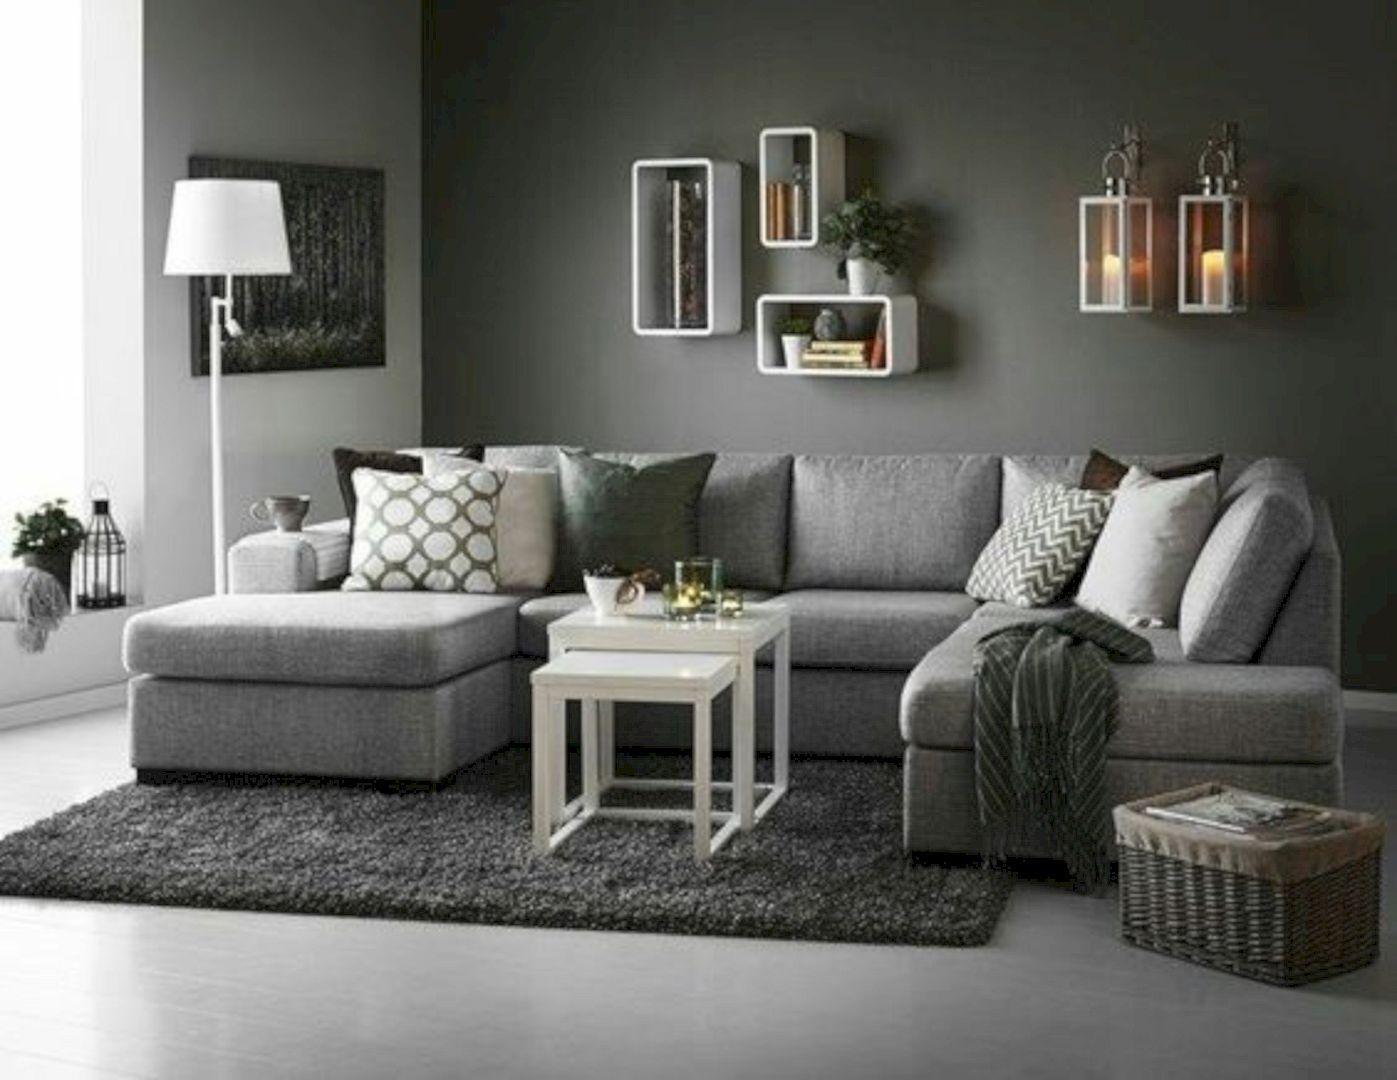 16 Interior Design Ideas with Grey Walls | Grey sofa ...